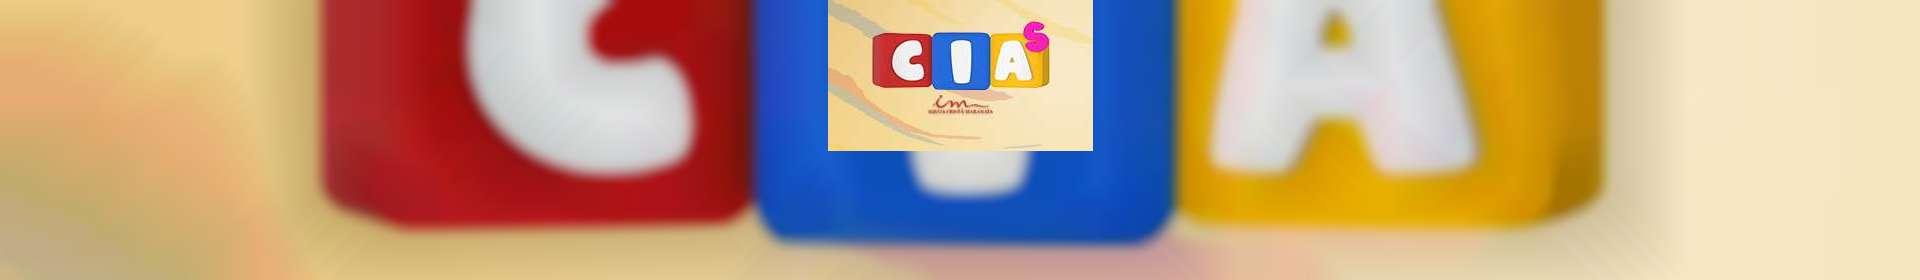 Aula de CIAS: classe de 11 a 15 anos - 07 de abril de 2020